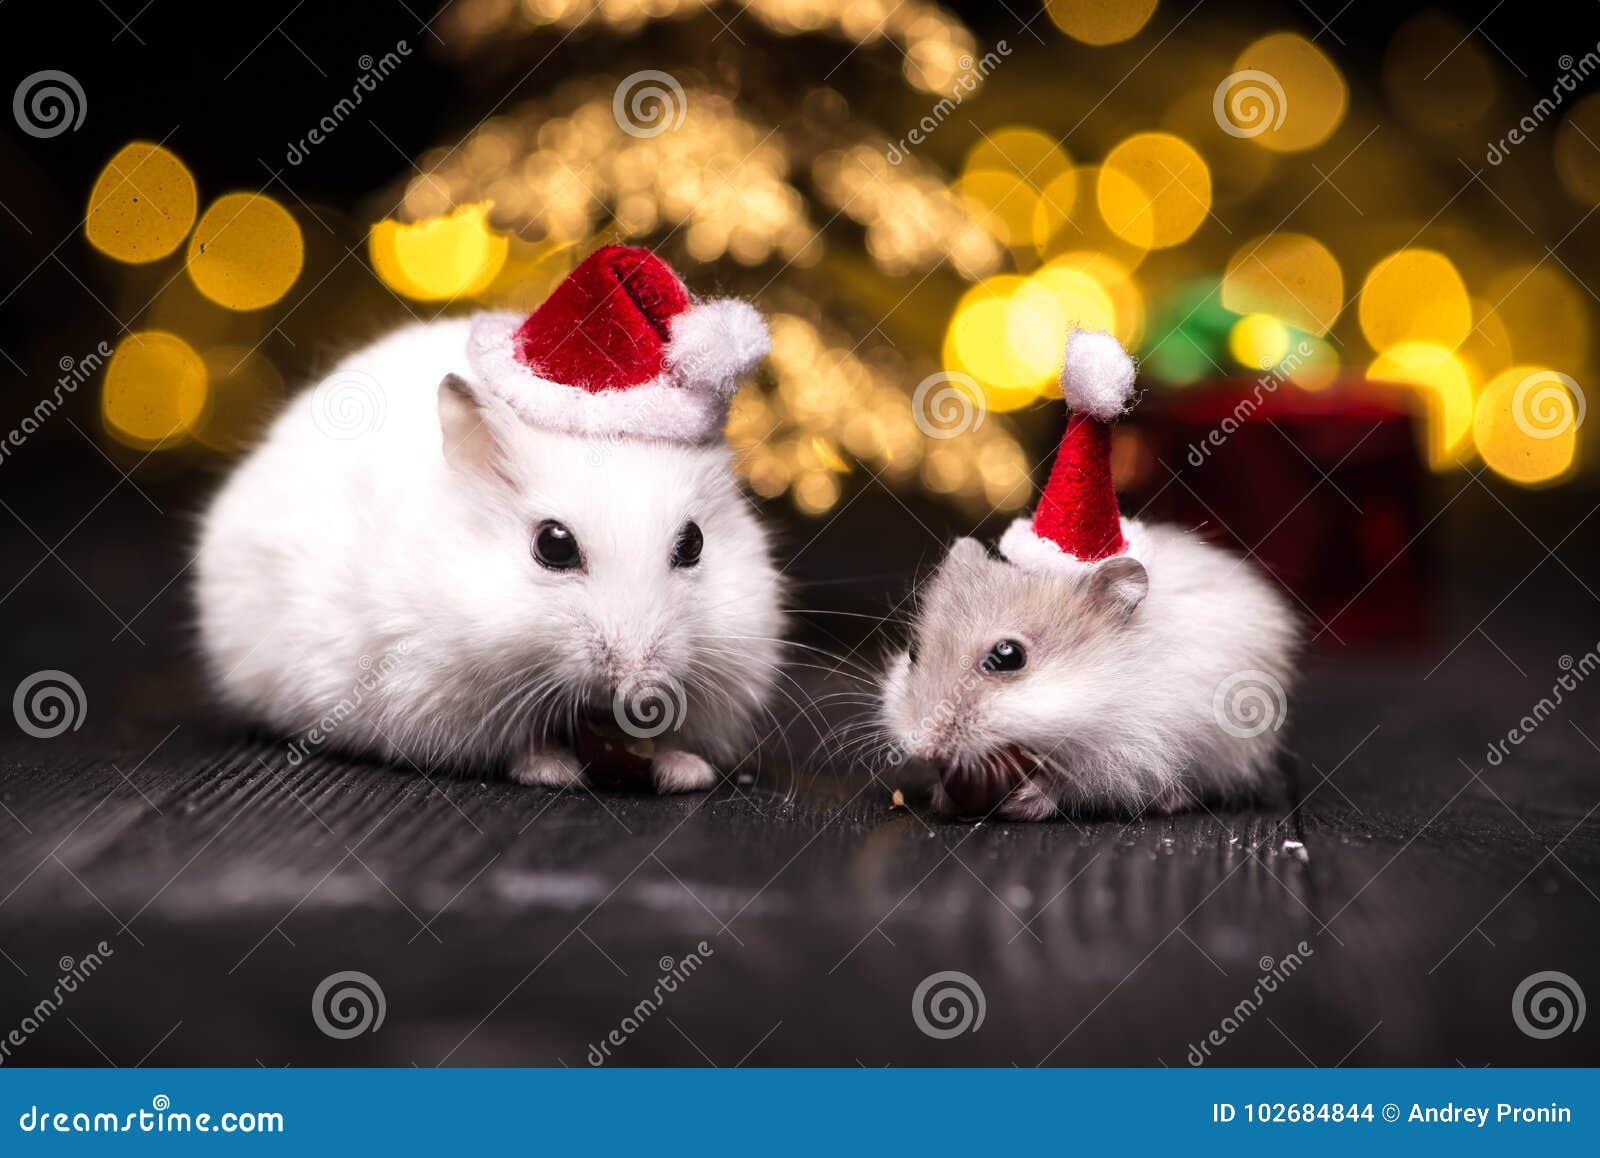 Śliczny chomik z Santa kapeluszem na bsckground z bożonarodzeniowe światła